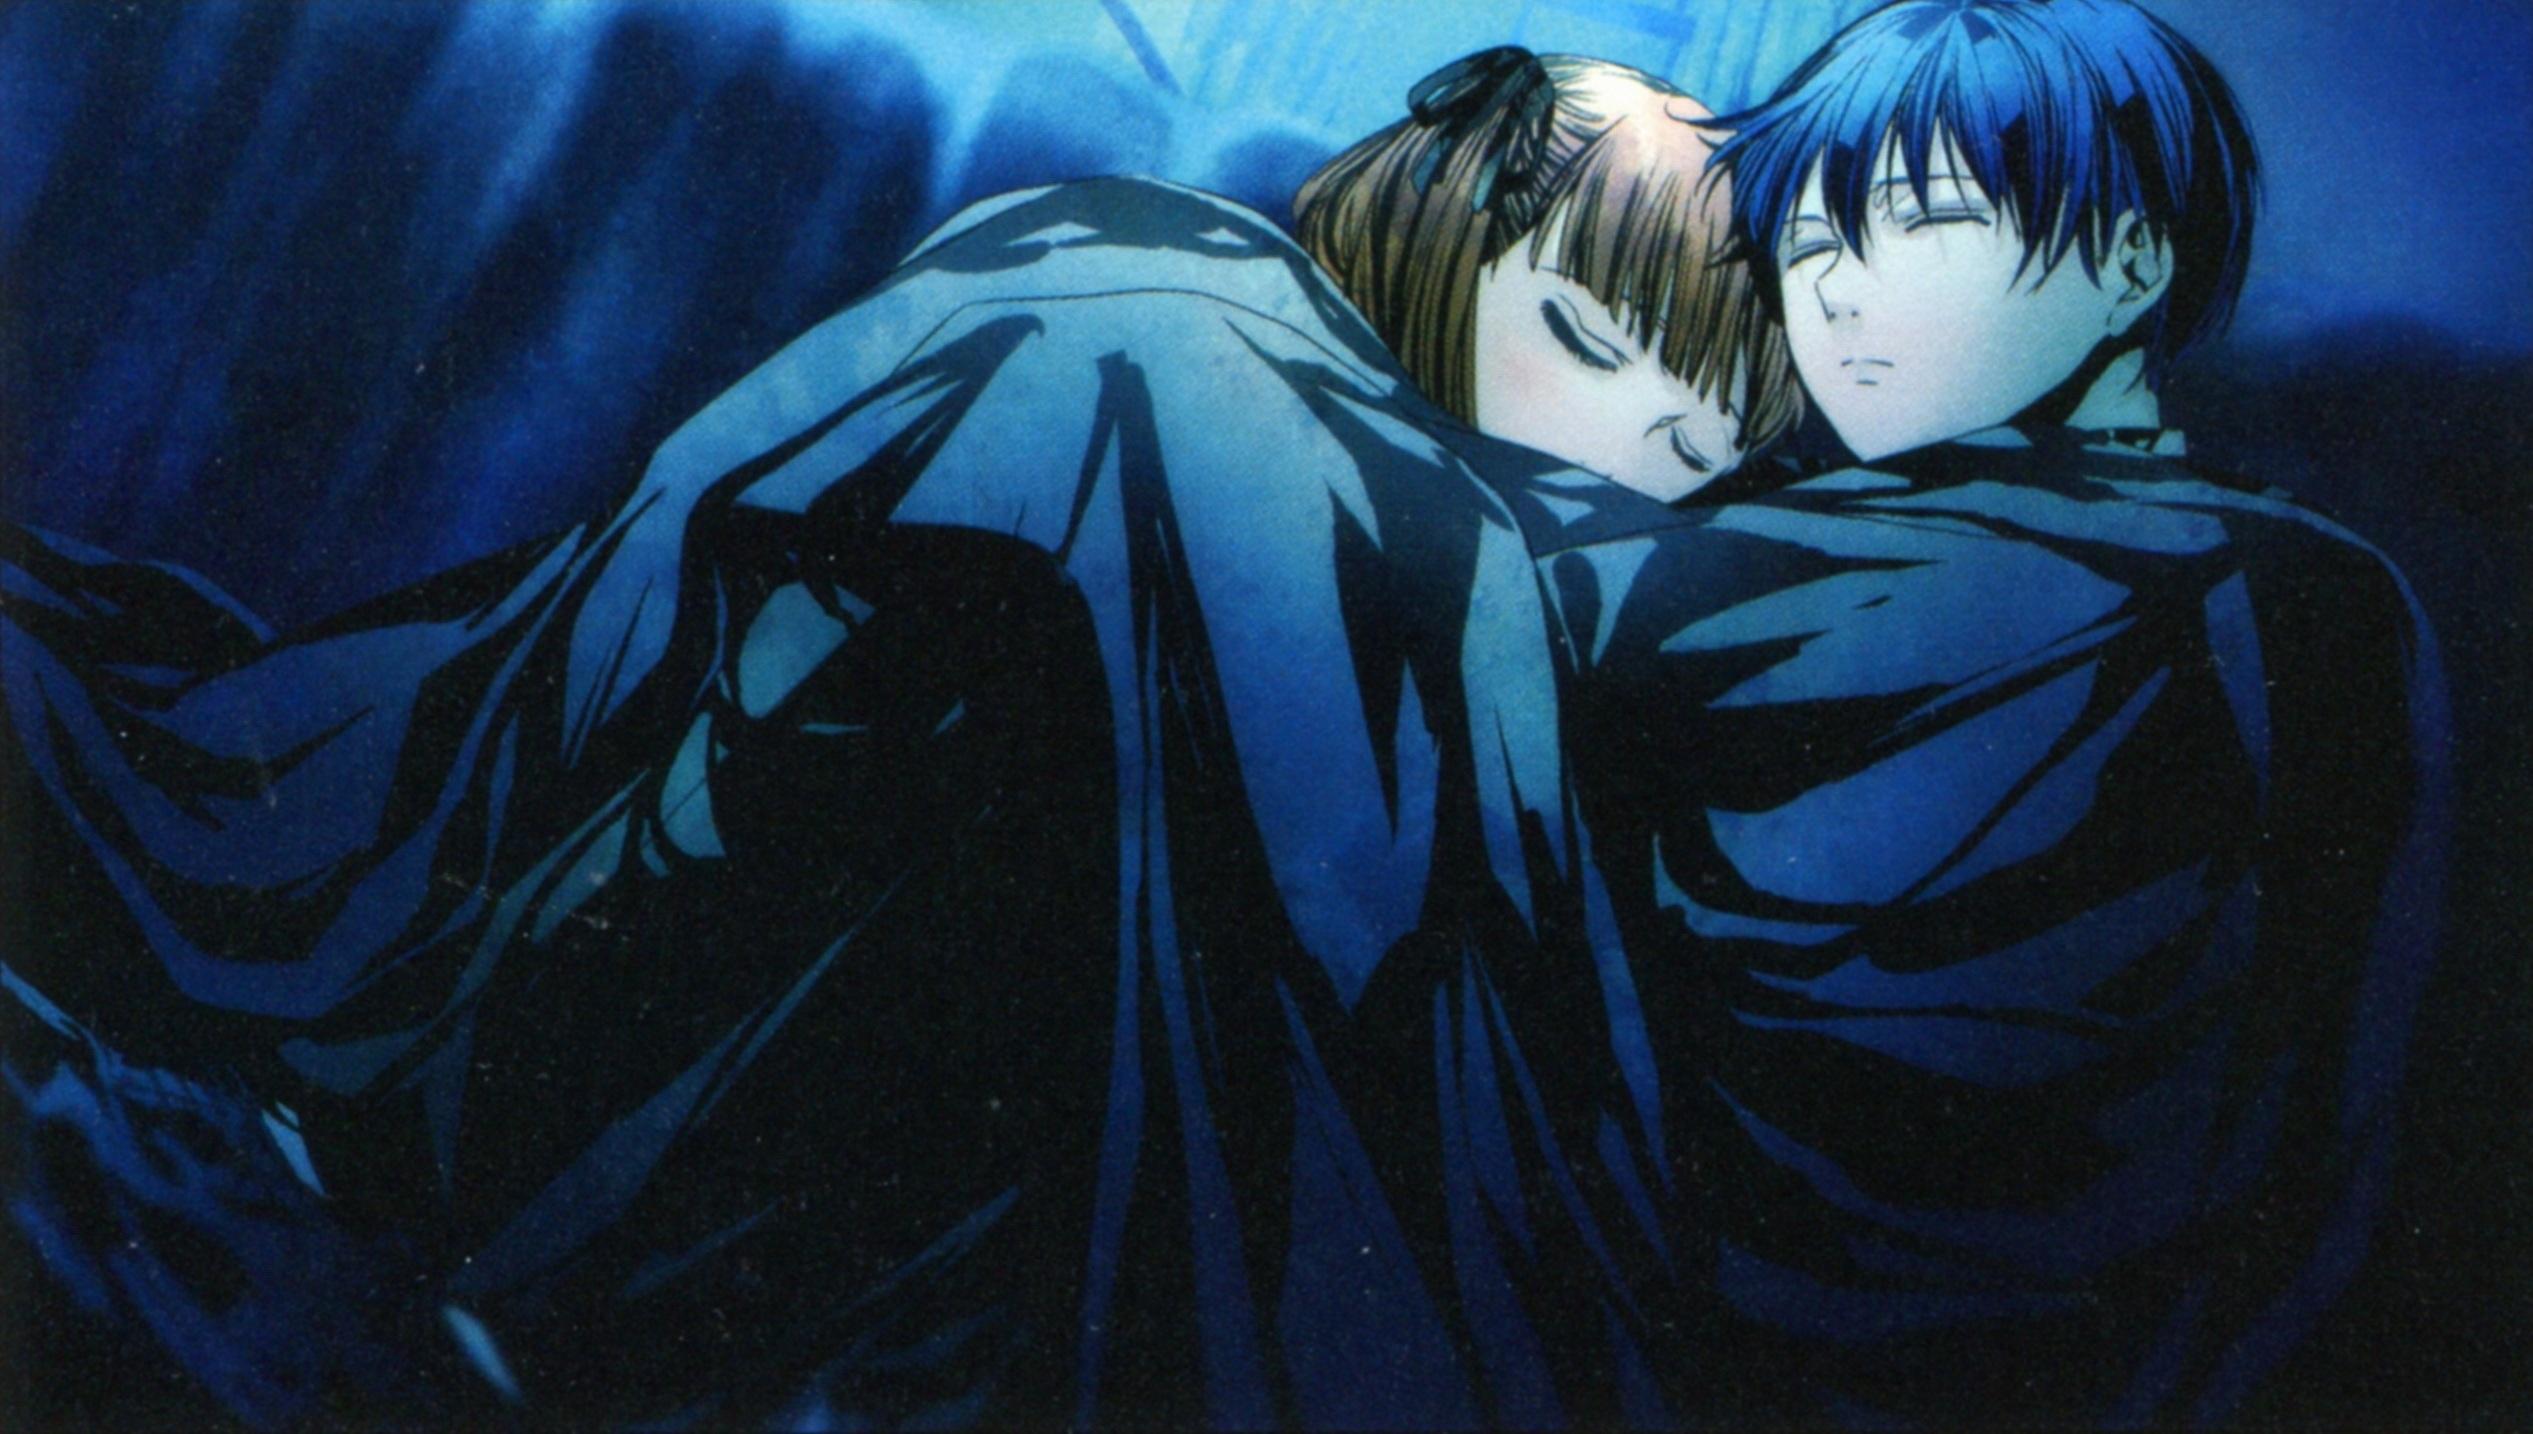 Сентября открытка, картинки аниме спокойной ночи сладких снов